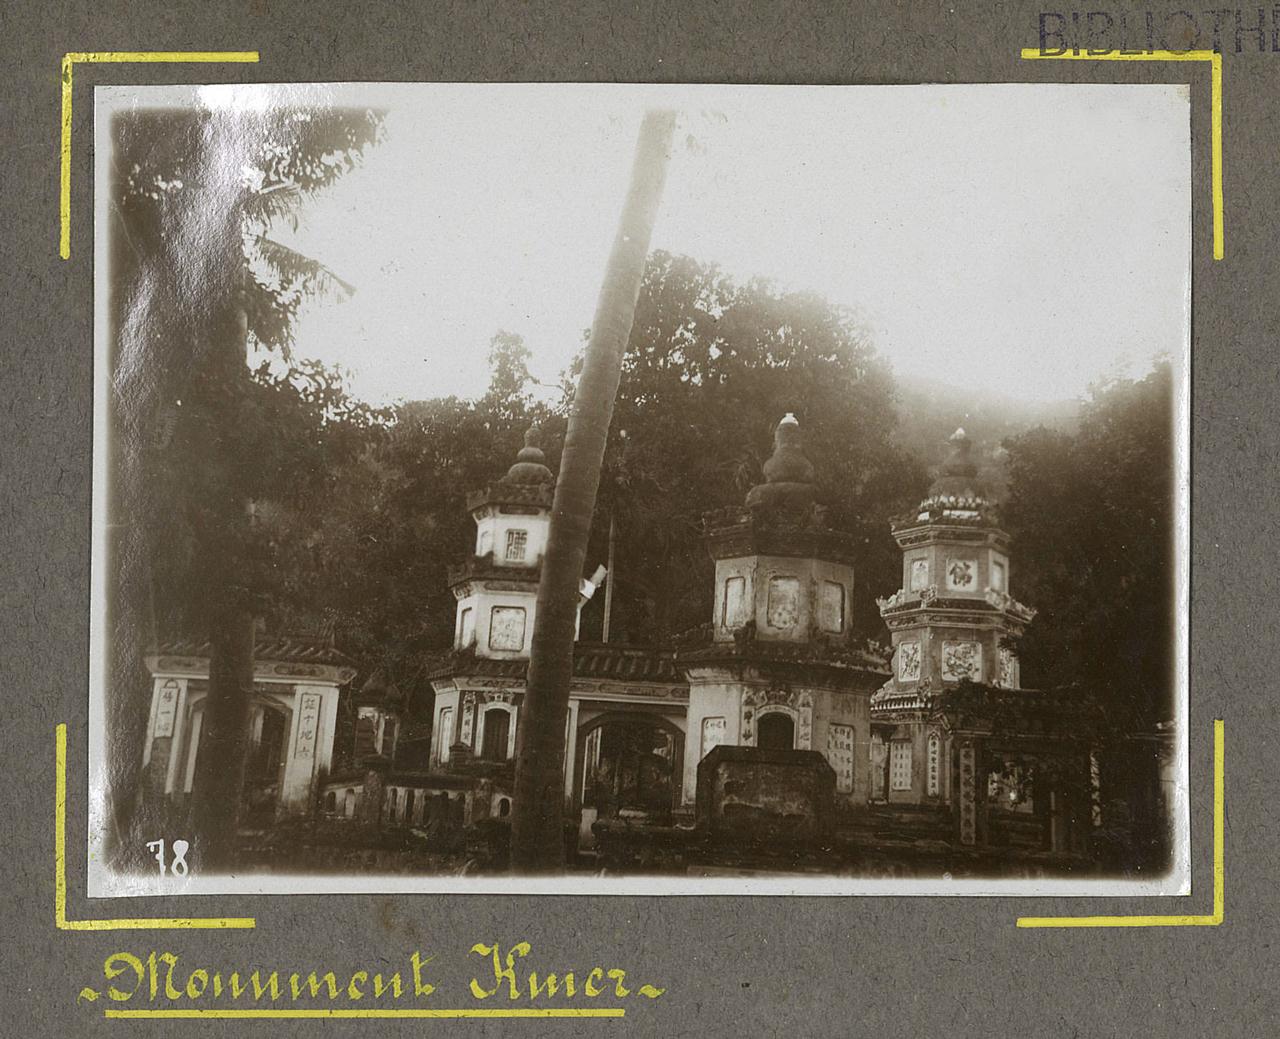 Kiến trúc chùa Khmer ở Châu Đốc xưa